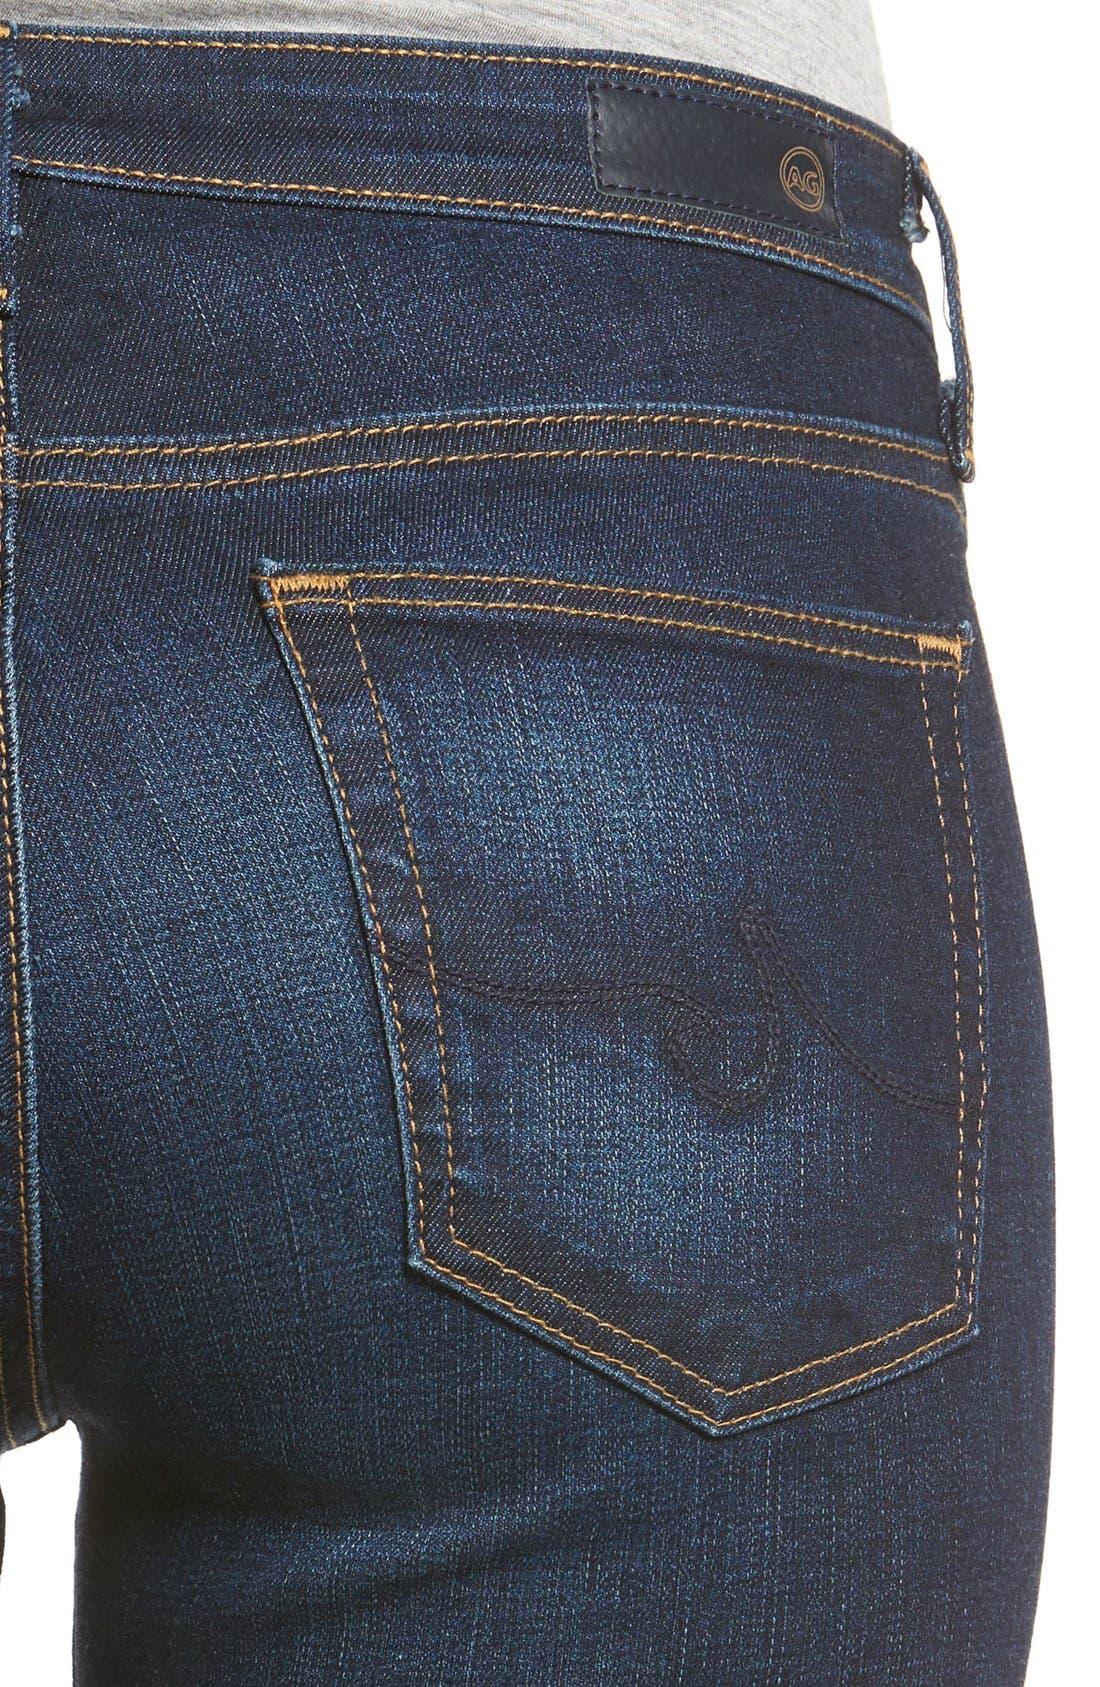 Harper Slim Straight Leg Jeans,                             Alternate thumbnail 3, color,                             SMITTEN